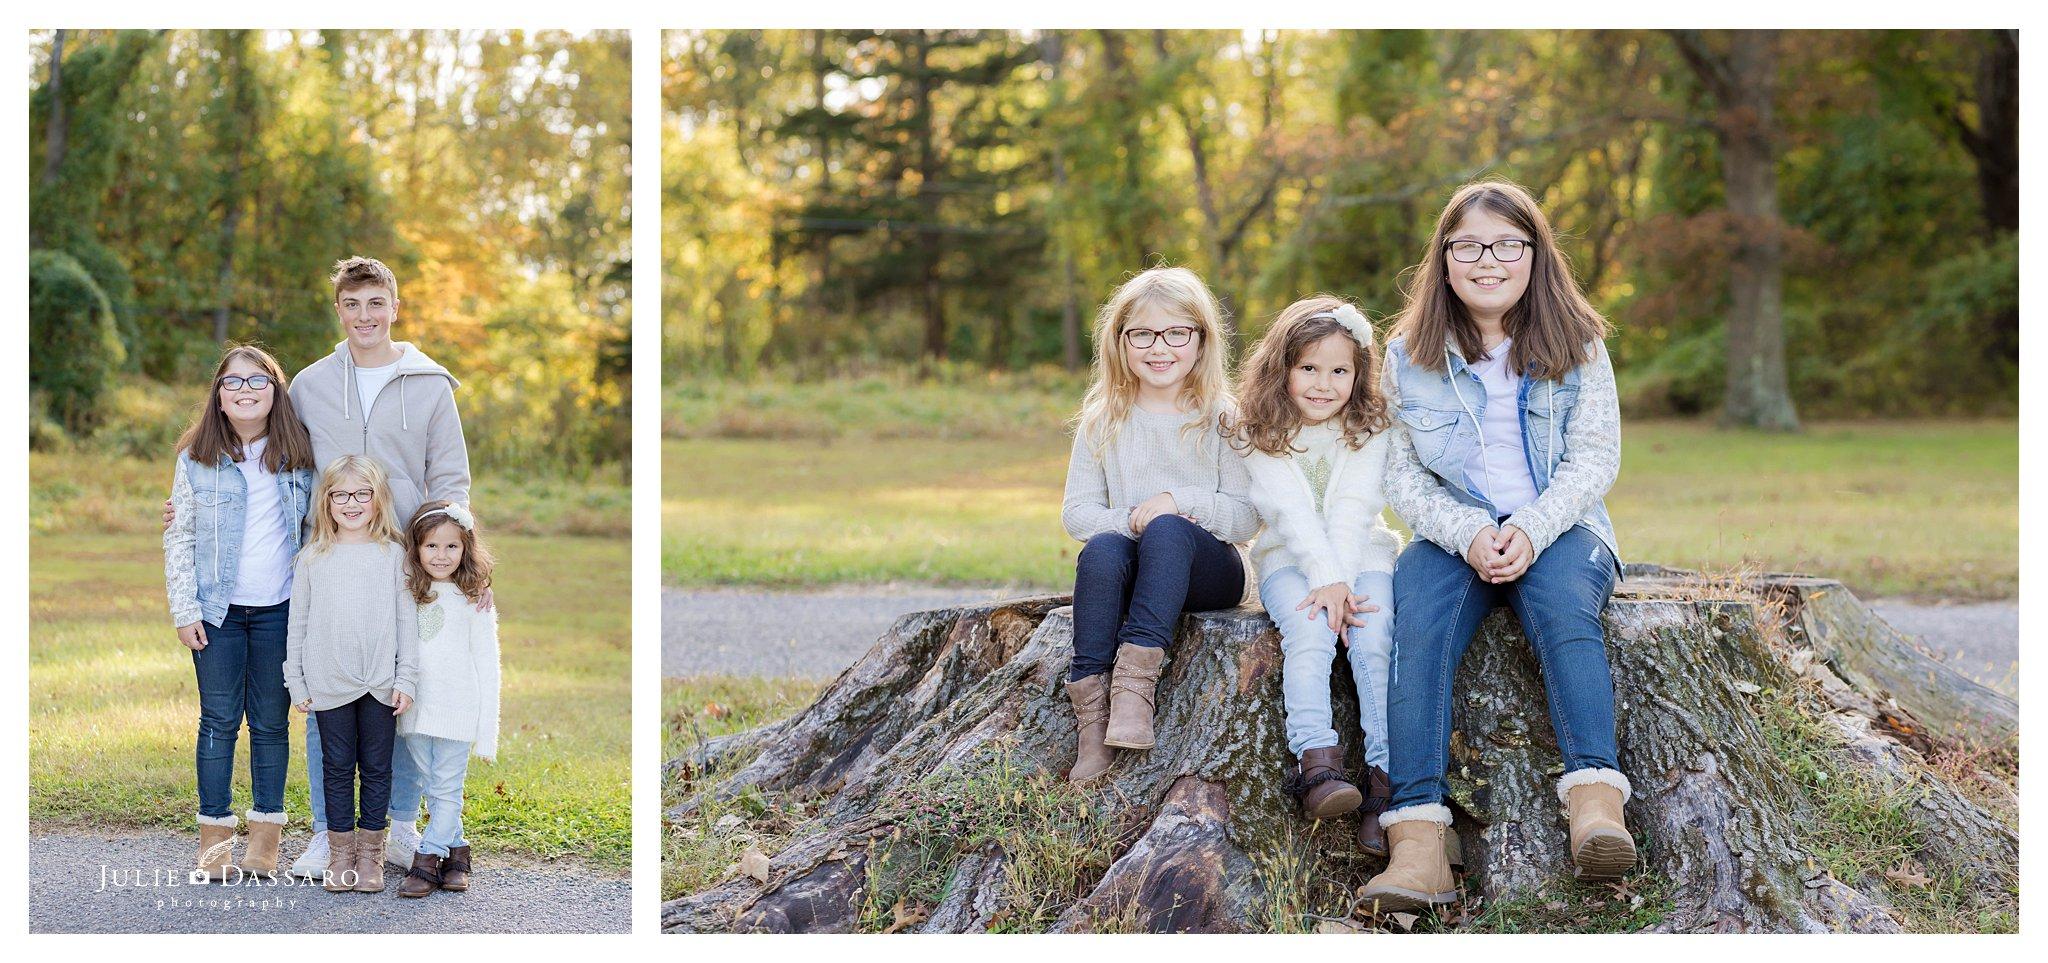 sisters portrait on tree stump